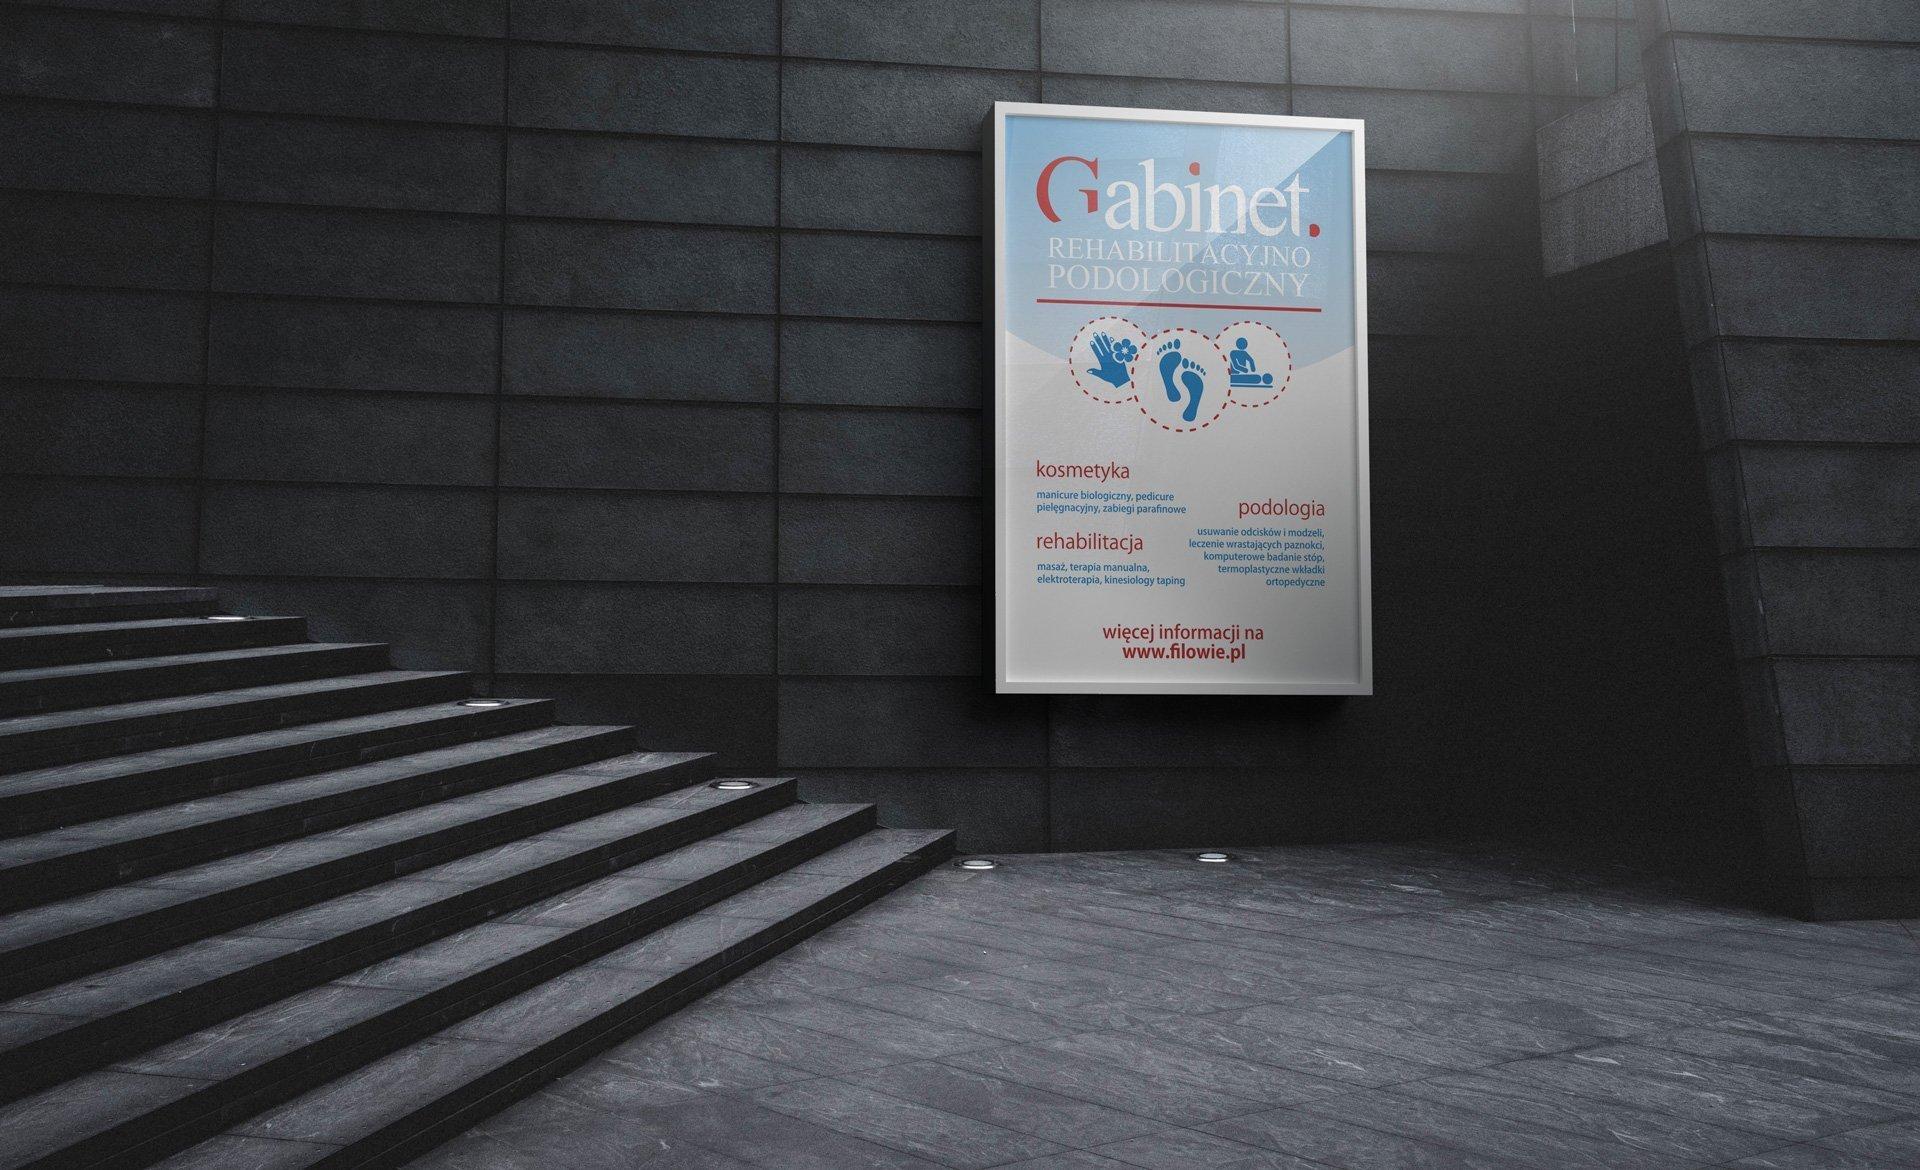 Przykładowe zastosowanie logo Gabinetu Rehabilitacyjno-Podologicznego (by BBIG.PL)